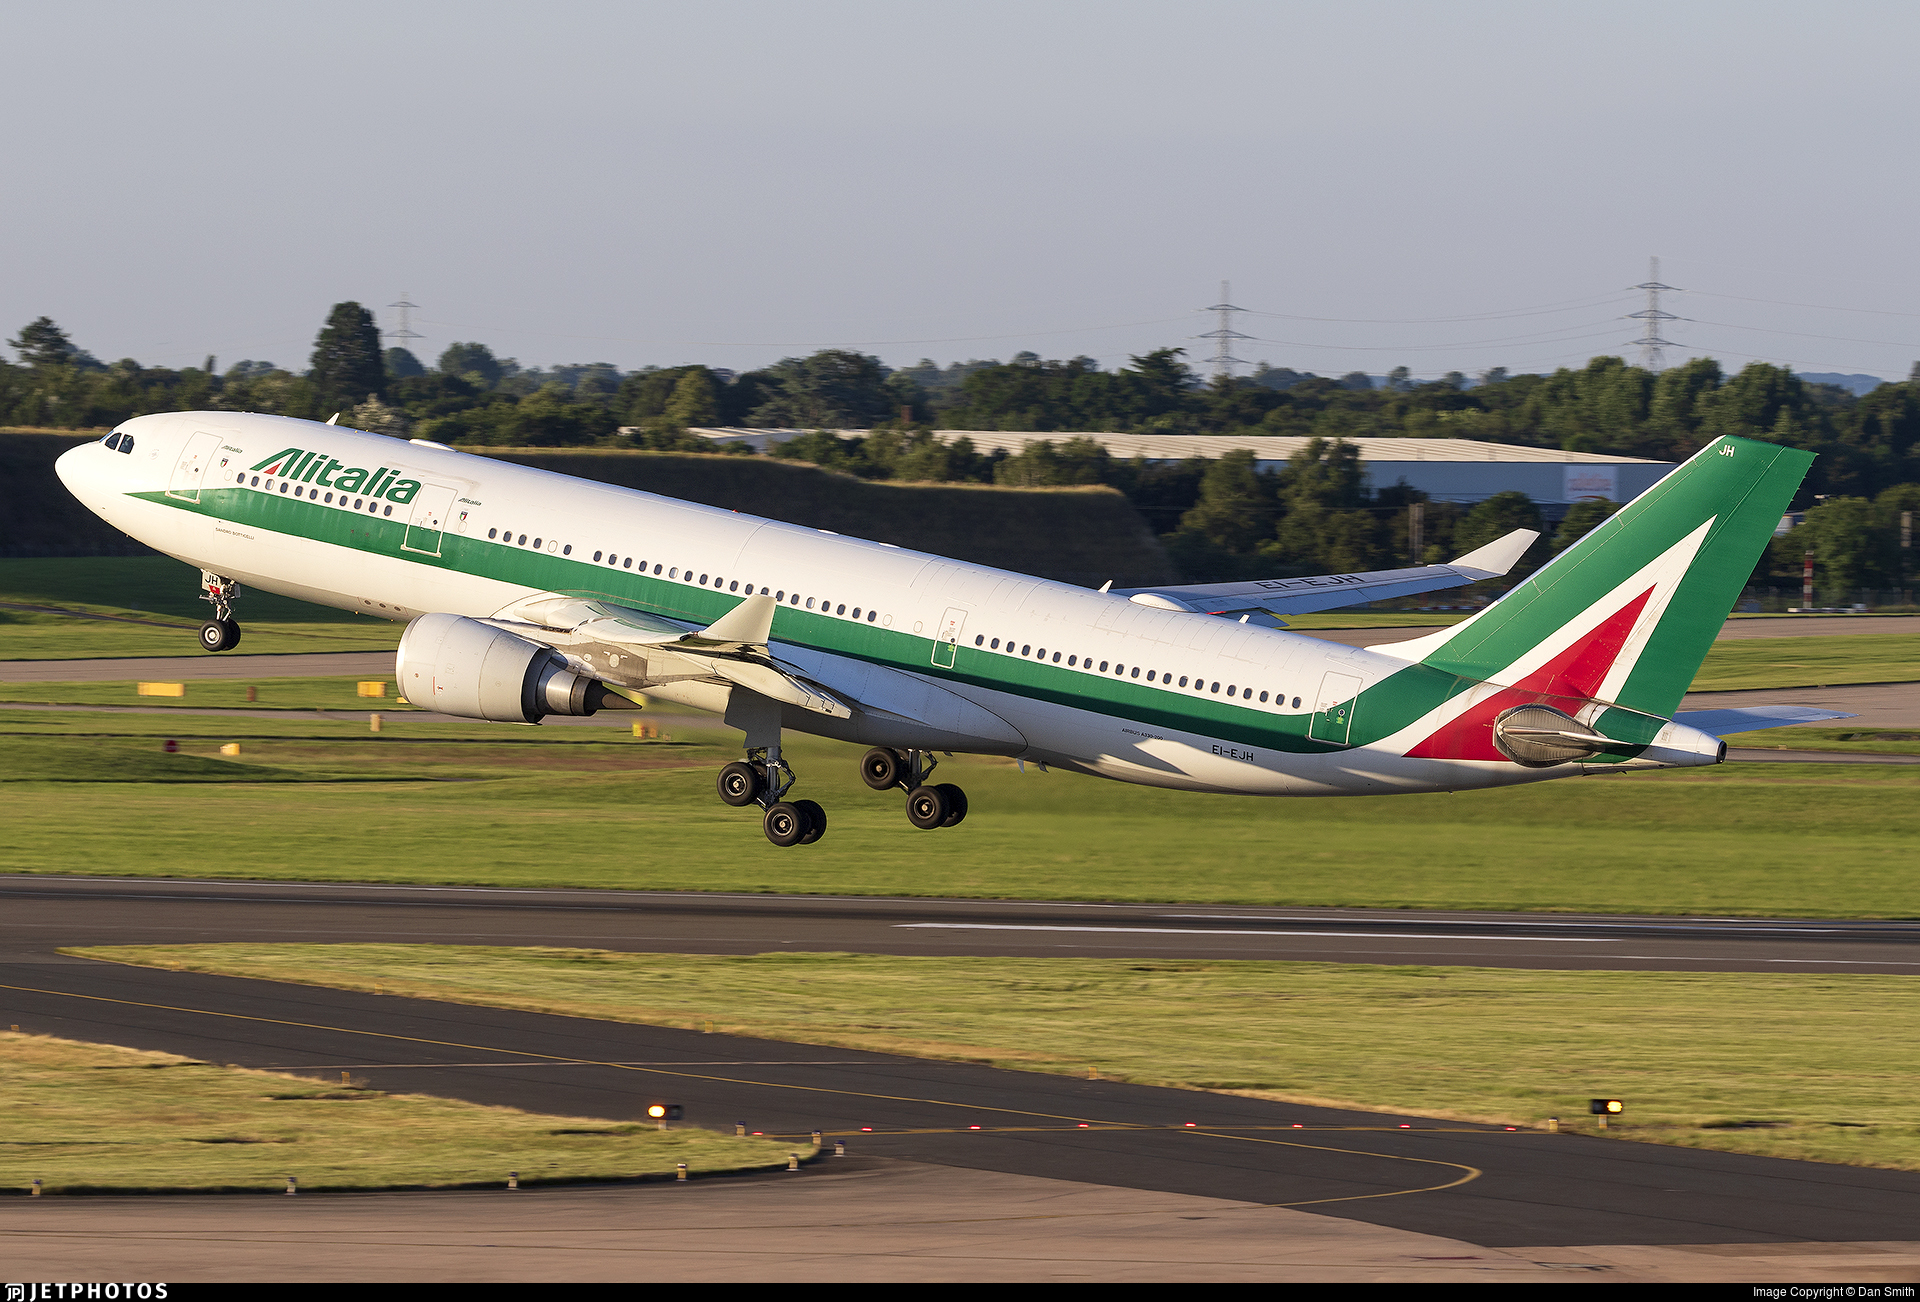 EI-EJH - Airbus A330-202 - Alitalia